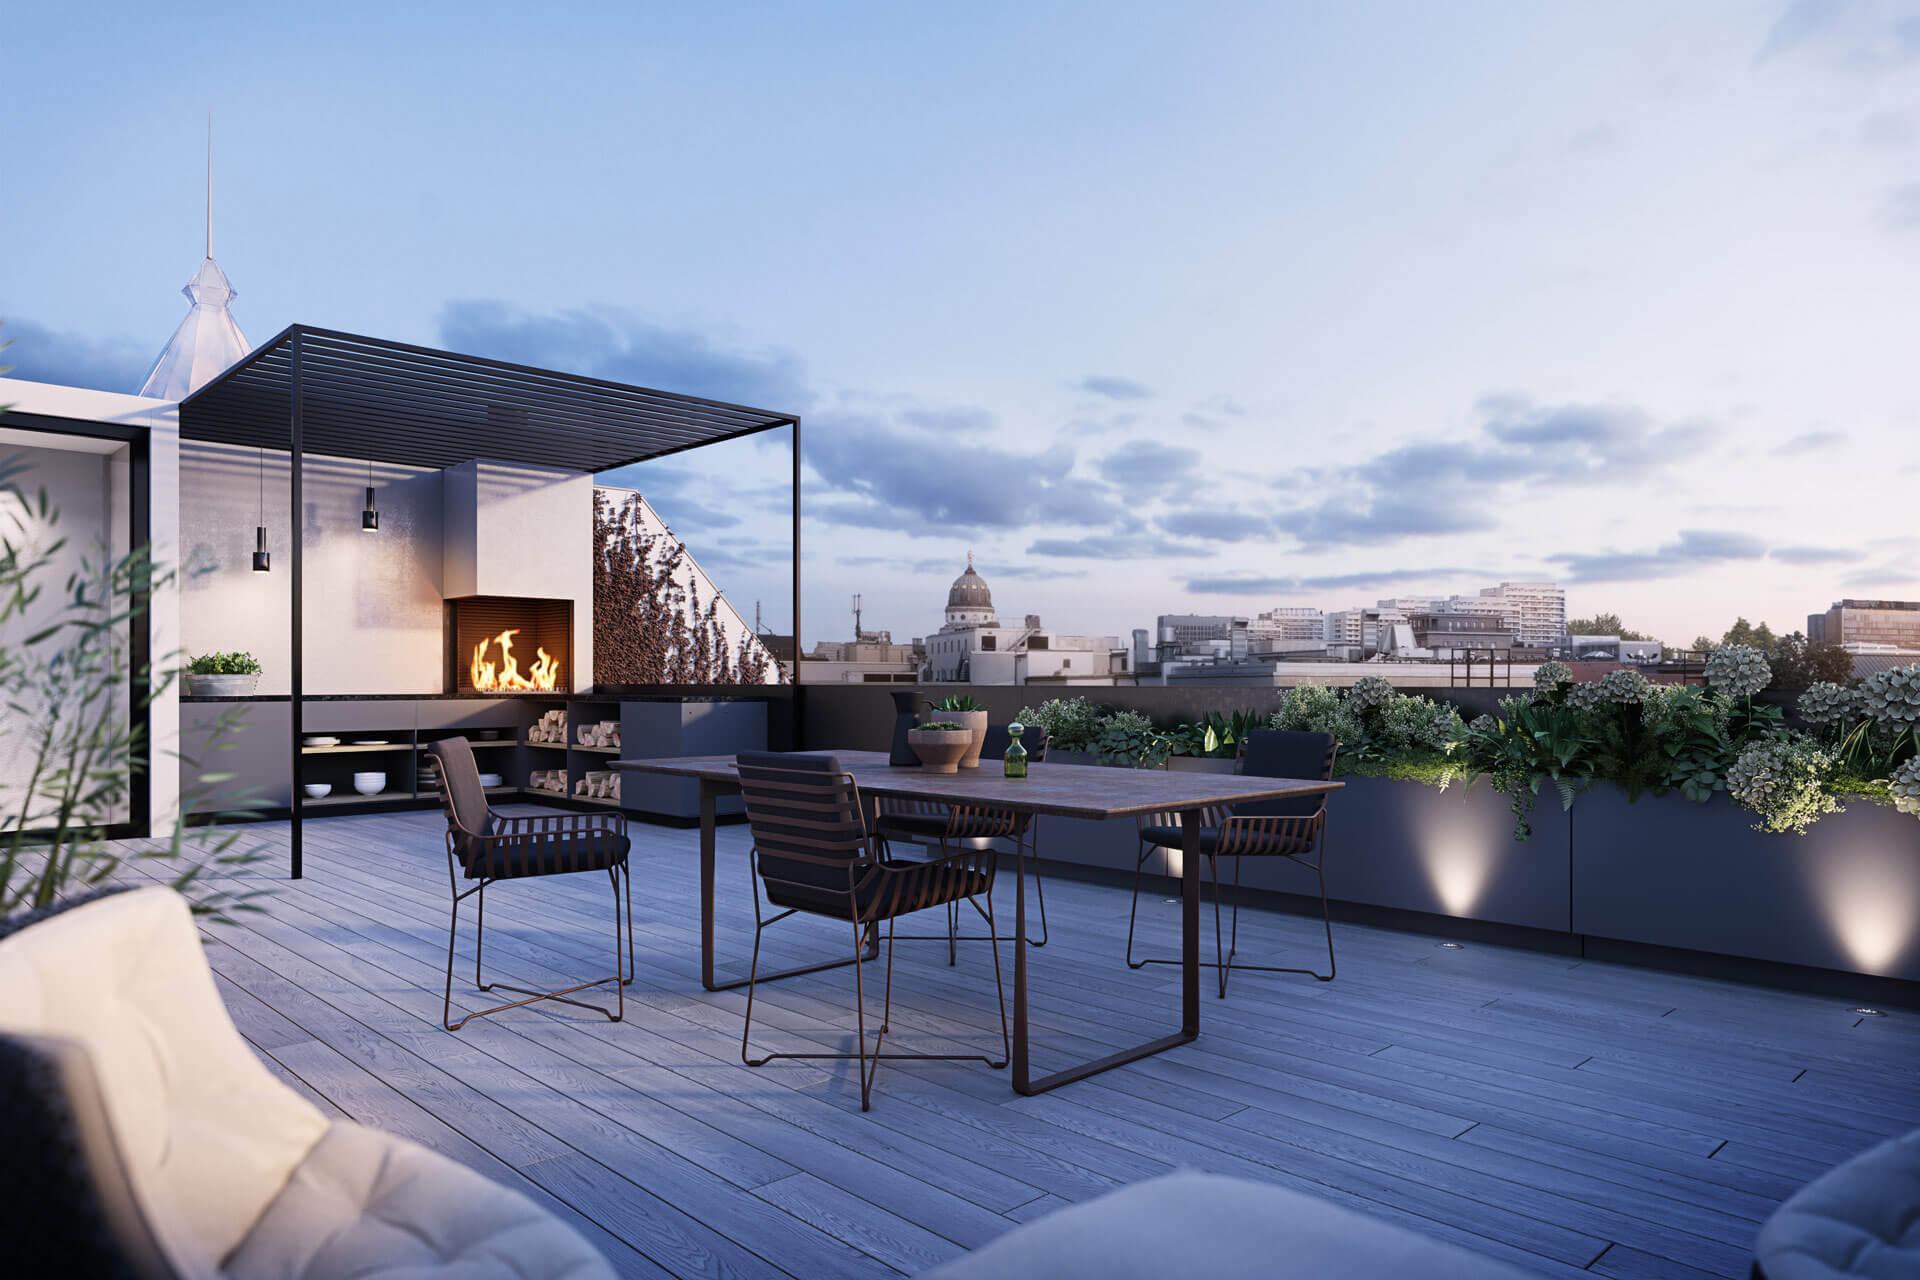 Sân thượng - nơi bạn có thể đón nắng, đón gió và đắm mình vào sự thư thái, nhẹ nhàng